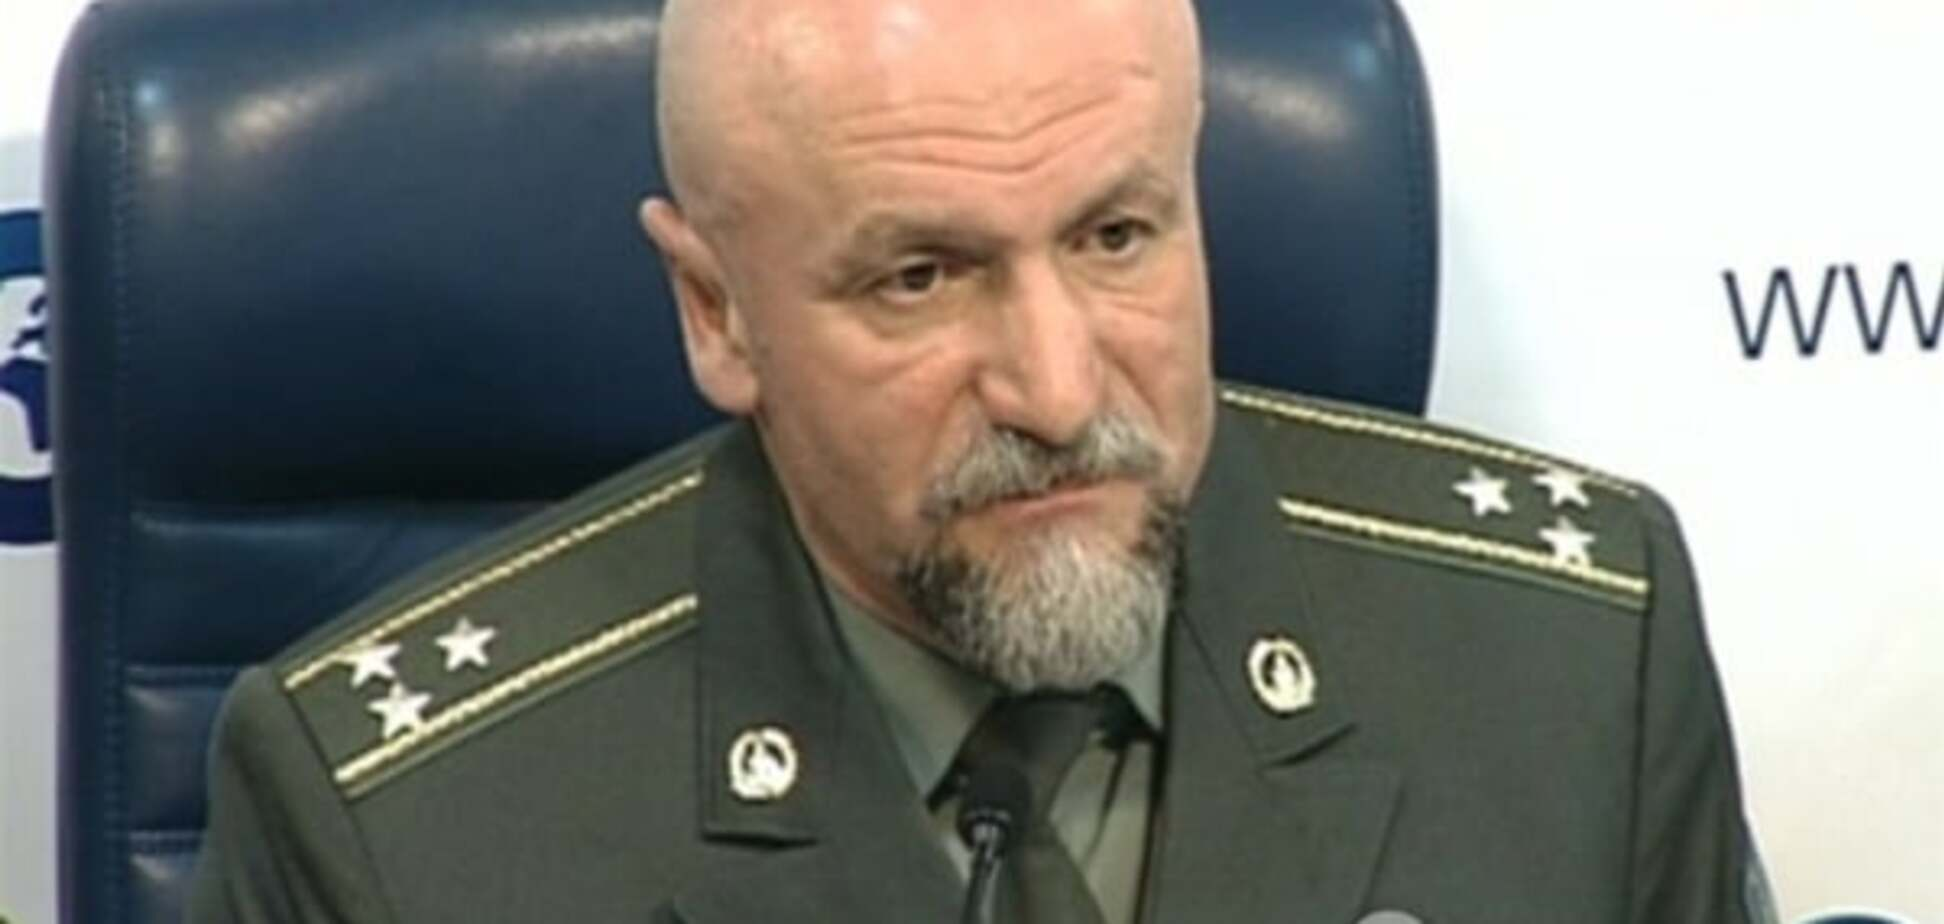 П'яна шпана: полковник розвідки розповів, чому на Донбасі знову гаряче